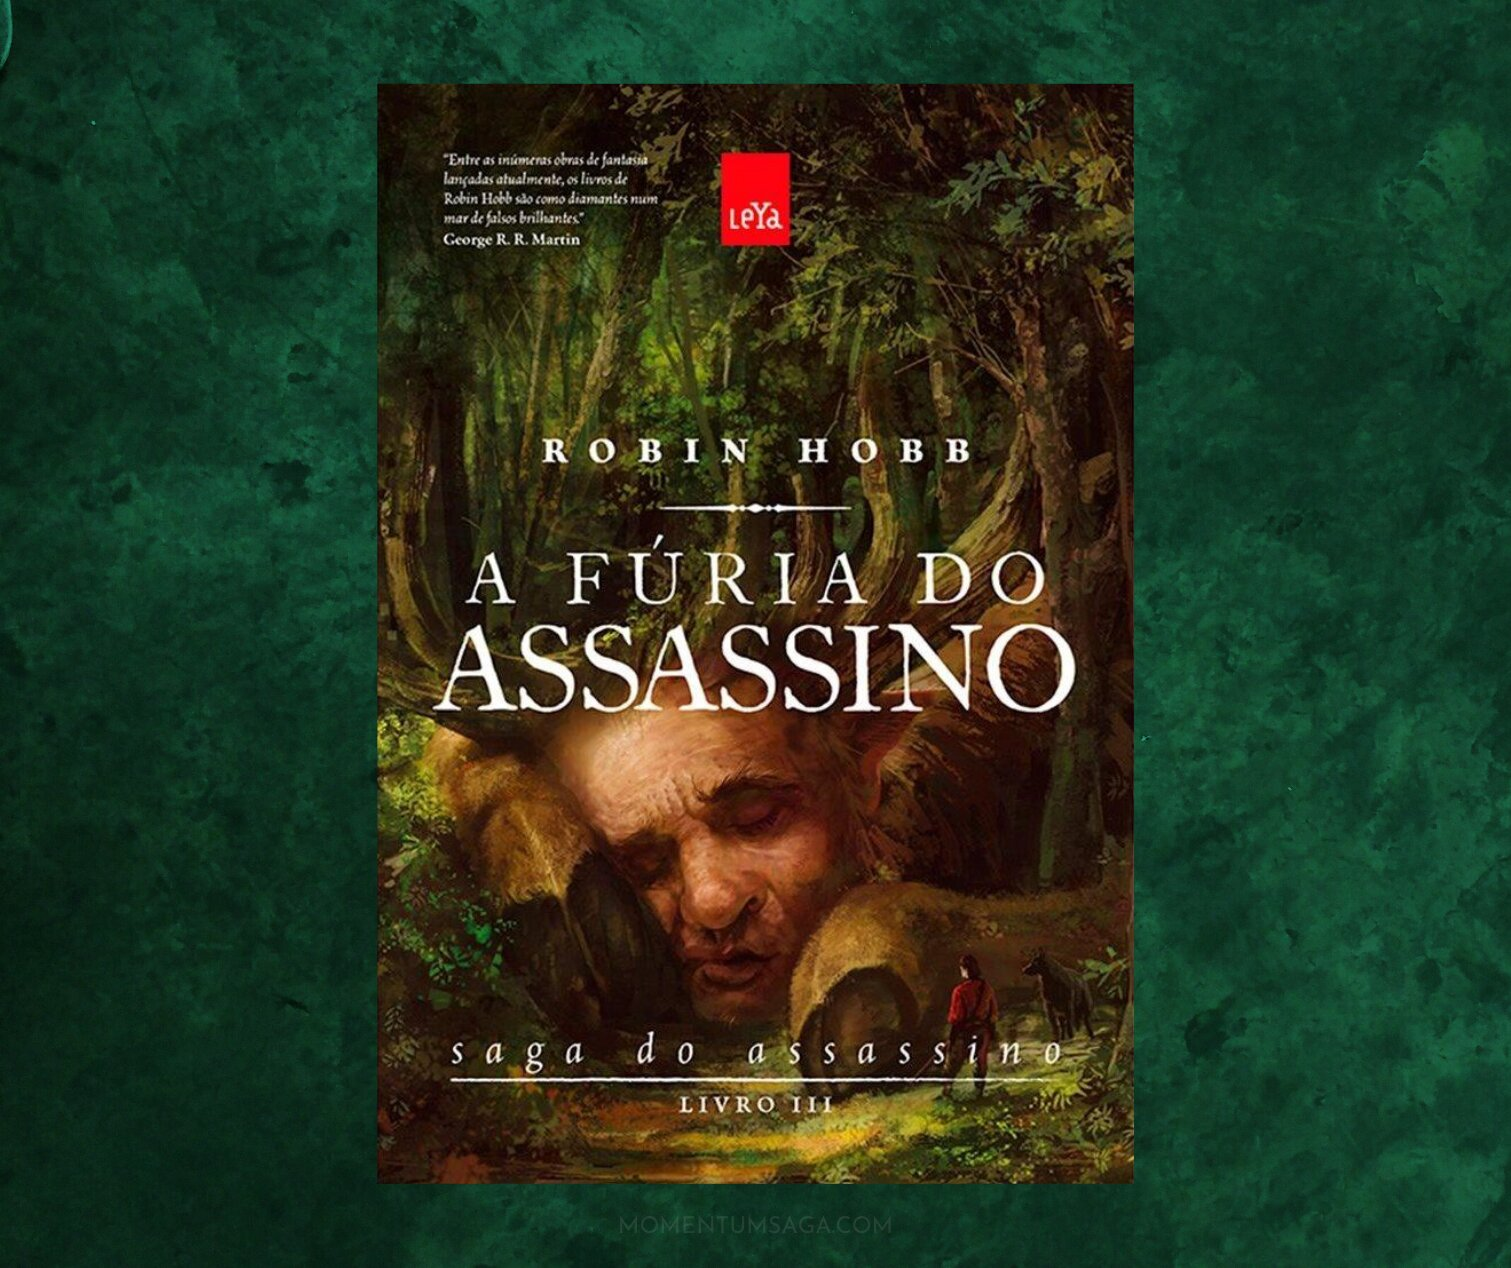 Resenha: A fúria do assassino, de Robin Hobb